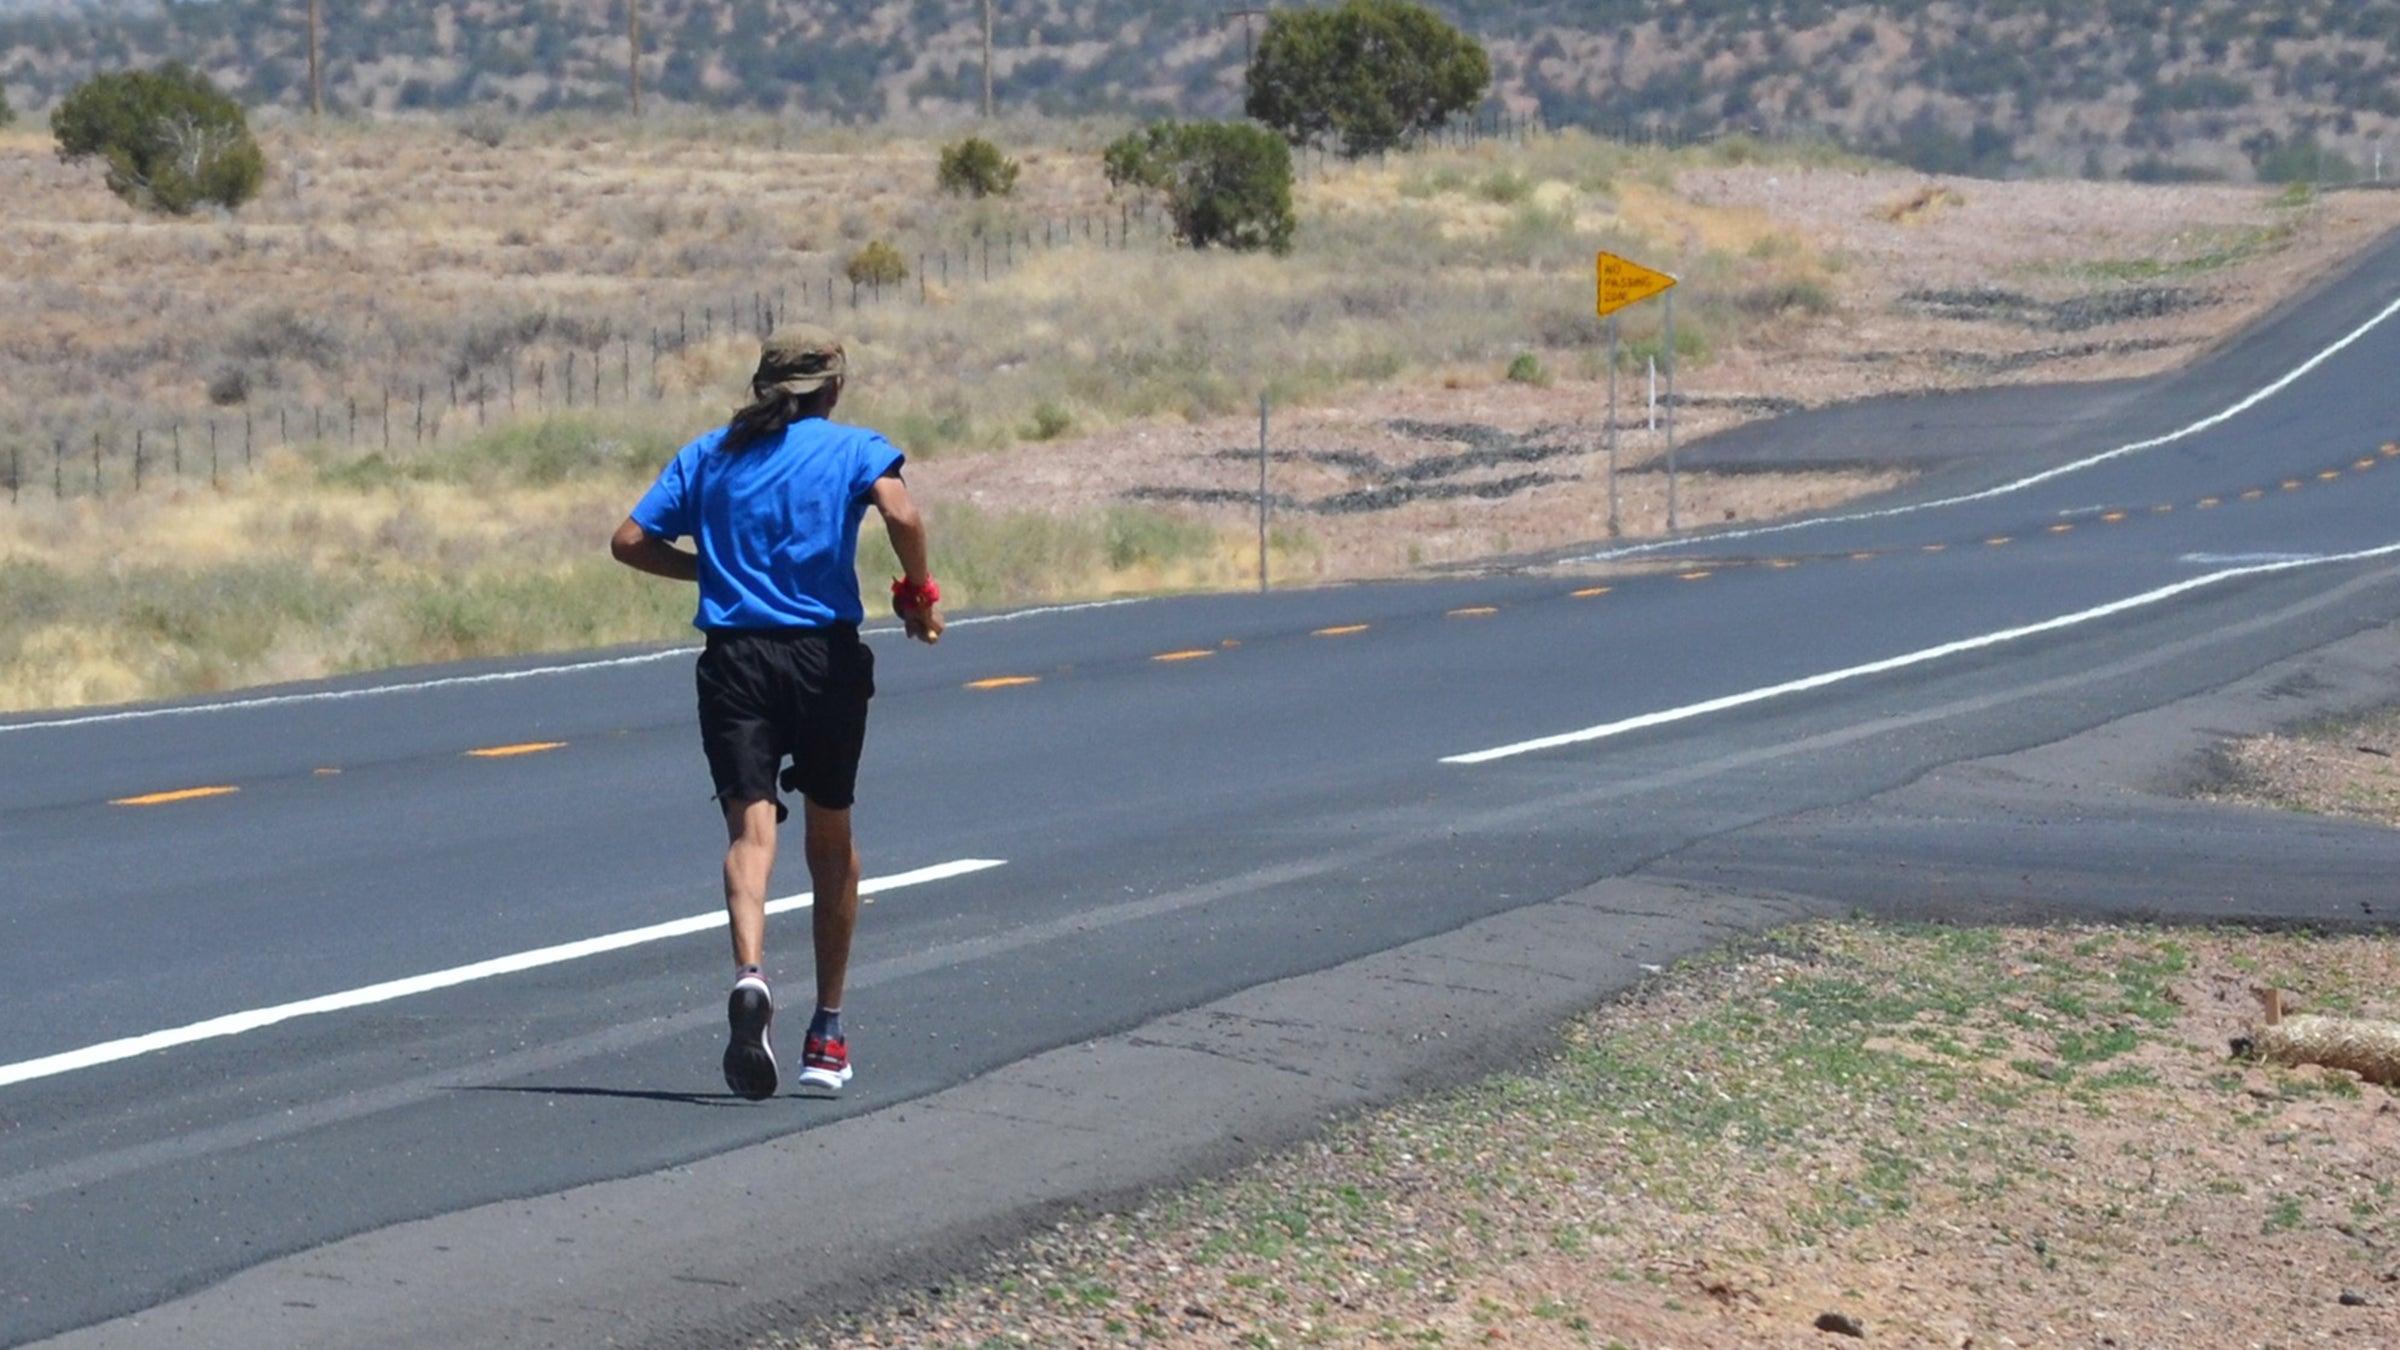 cropEskeets 3 Enviar un corredor: una carrera de reconocimiento